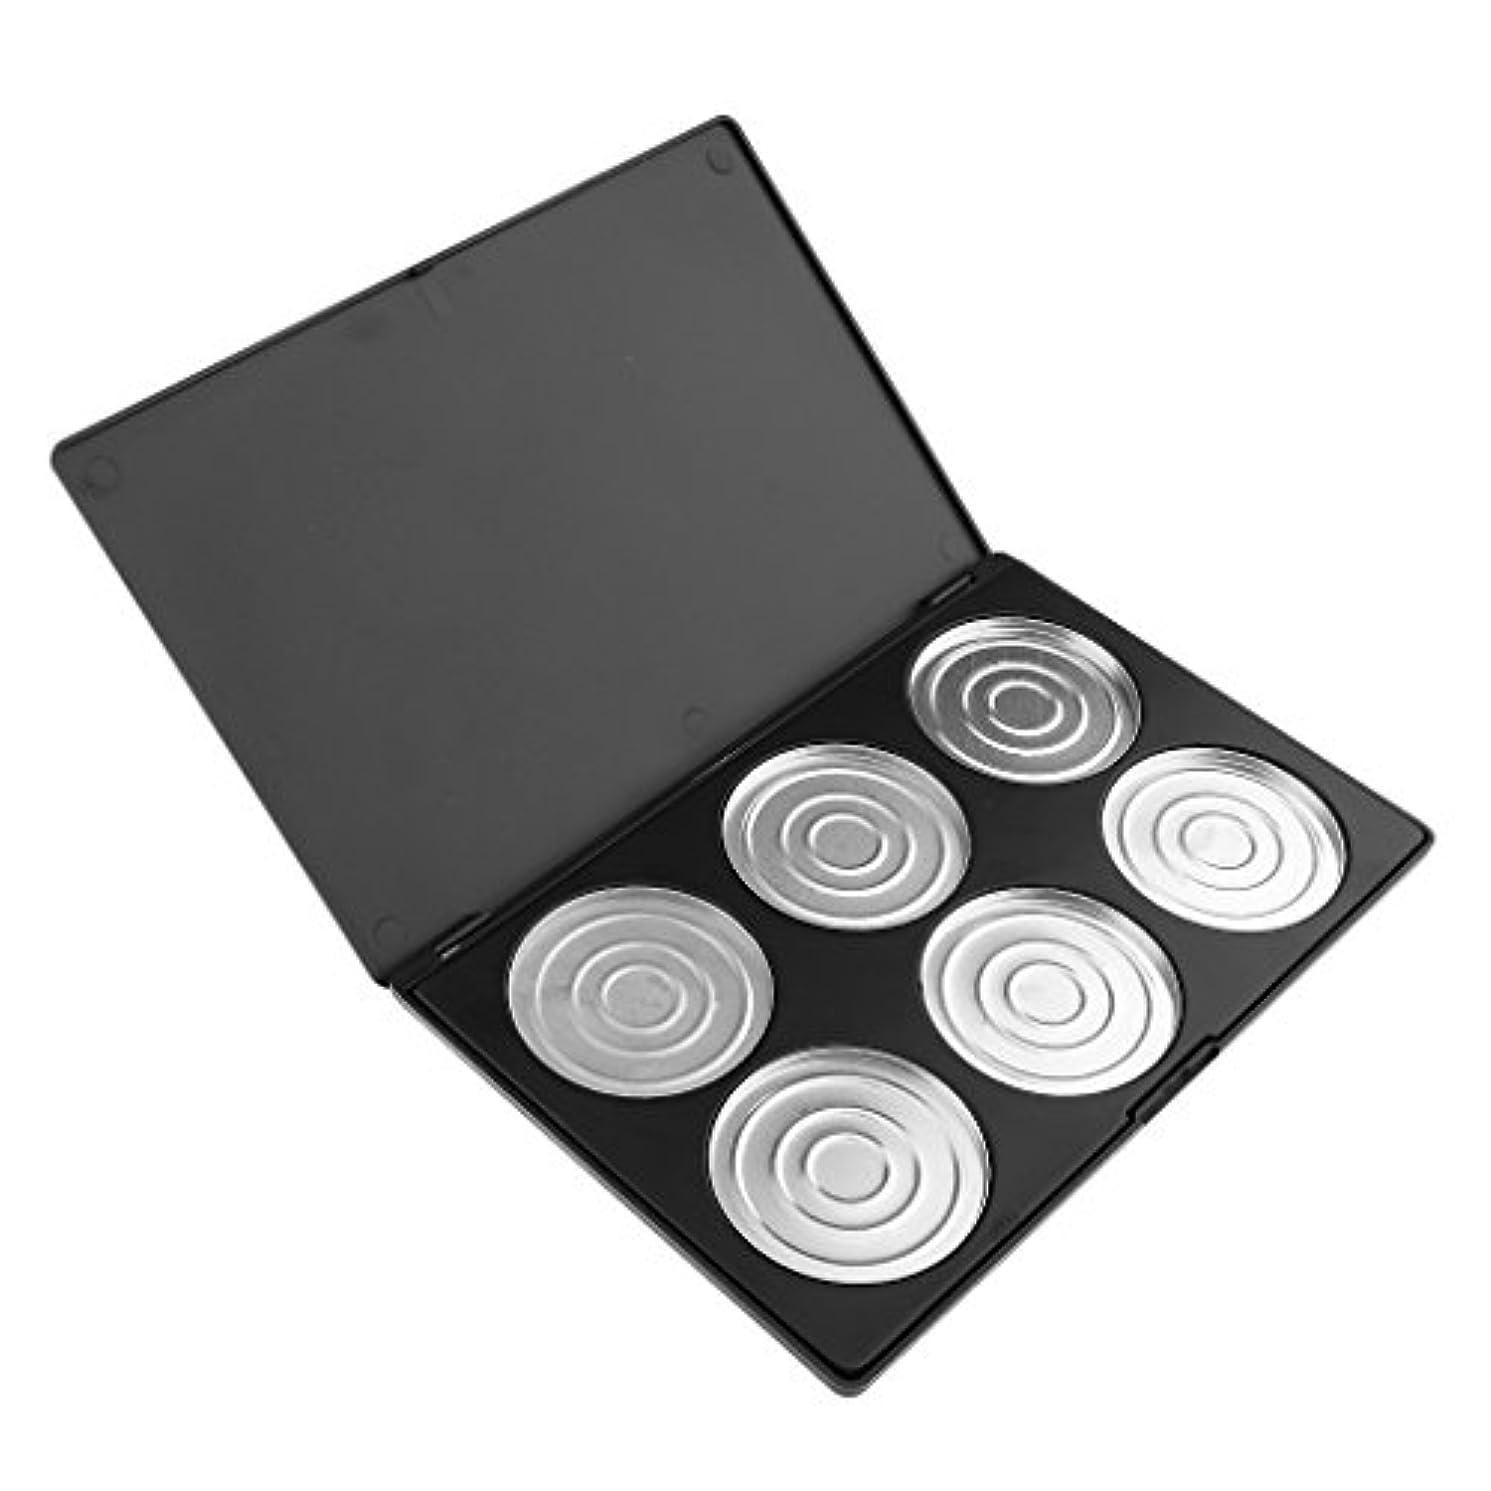 居住者歴史的基礎理論12グリッド メイク 空 アイシャドーブラッシャー リップグロス パレット 化粧品 全2種類 - 6色収納ケース